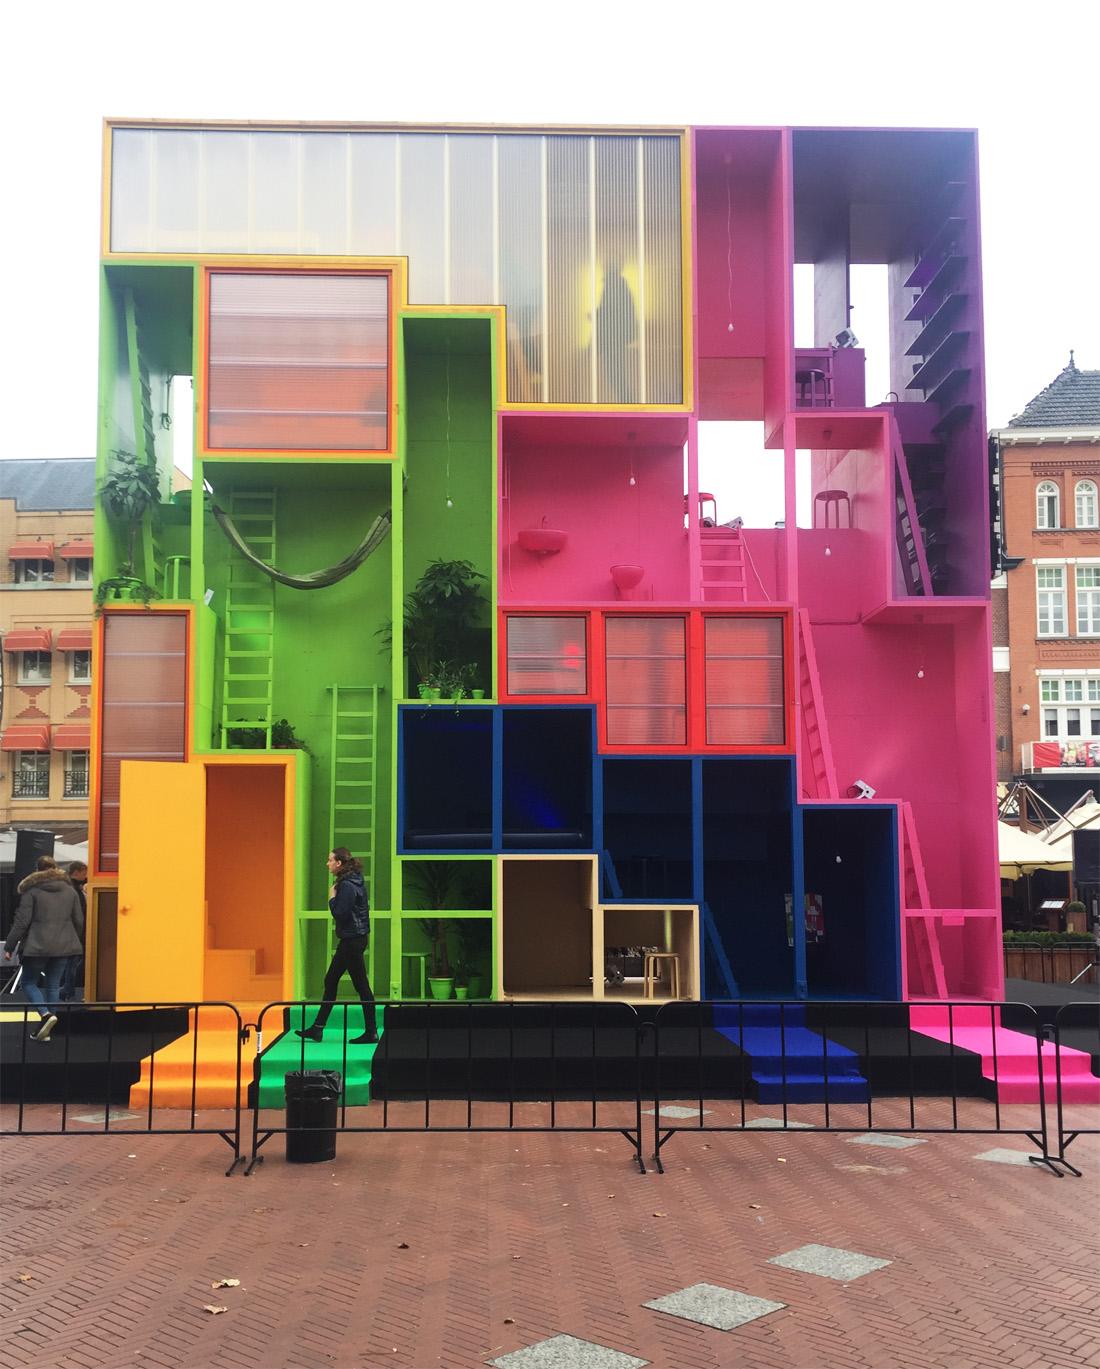 שבוע העיצוב באיינדהובן, שבוע העיצוב ההולנדי, DDW, dutch design week, mvrdv